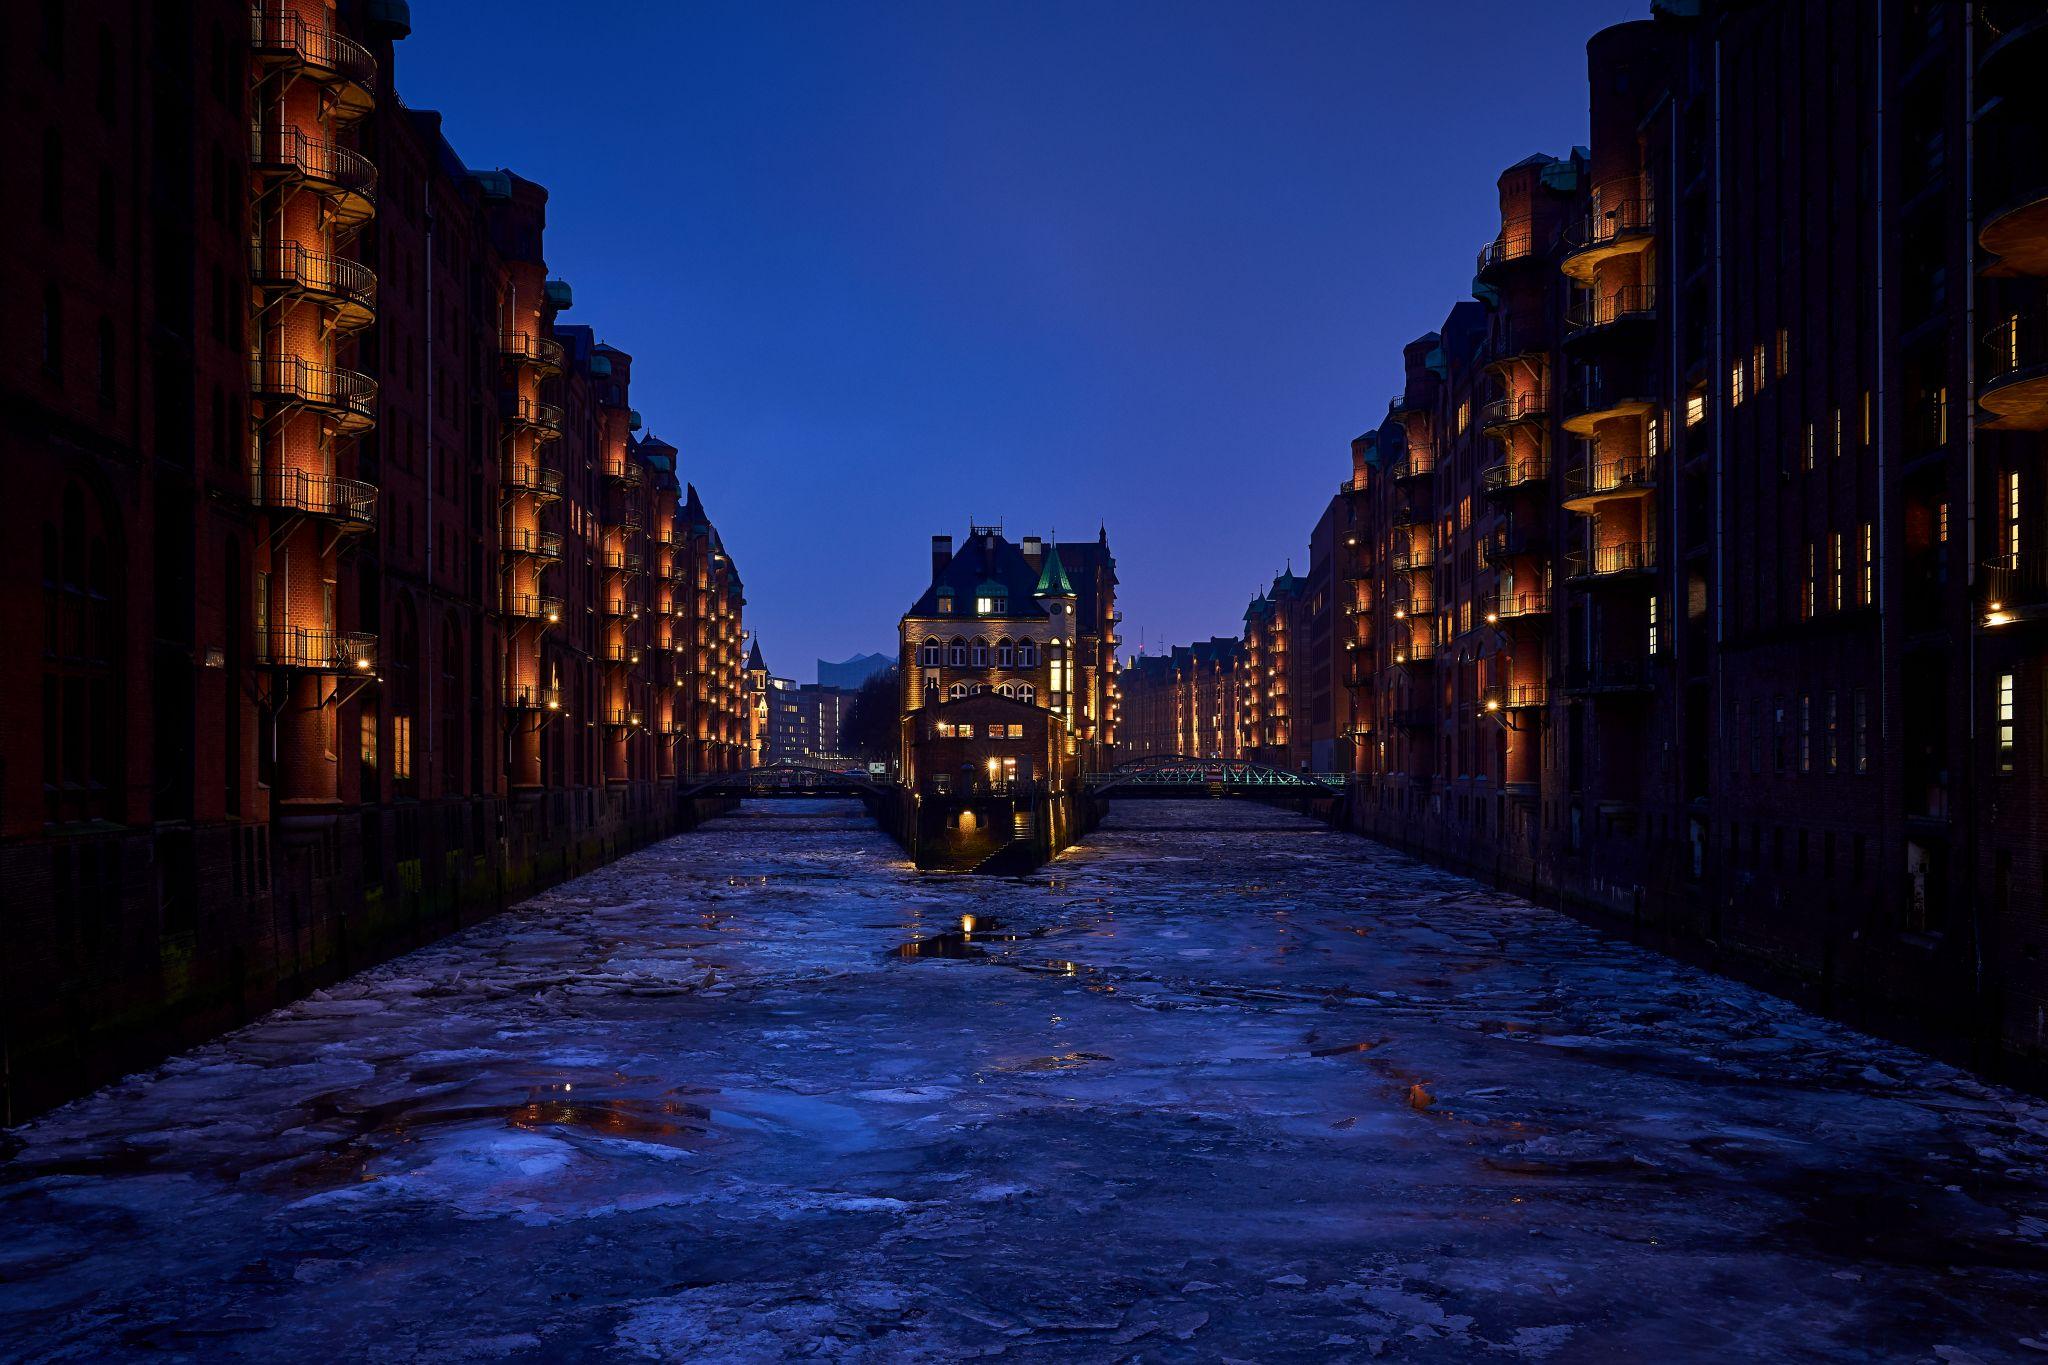 Wasserschlösschen Speicherstadt Hamburg, Germany